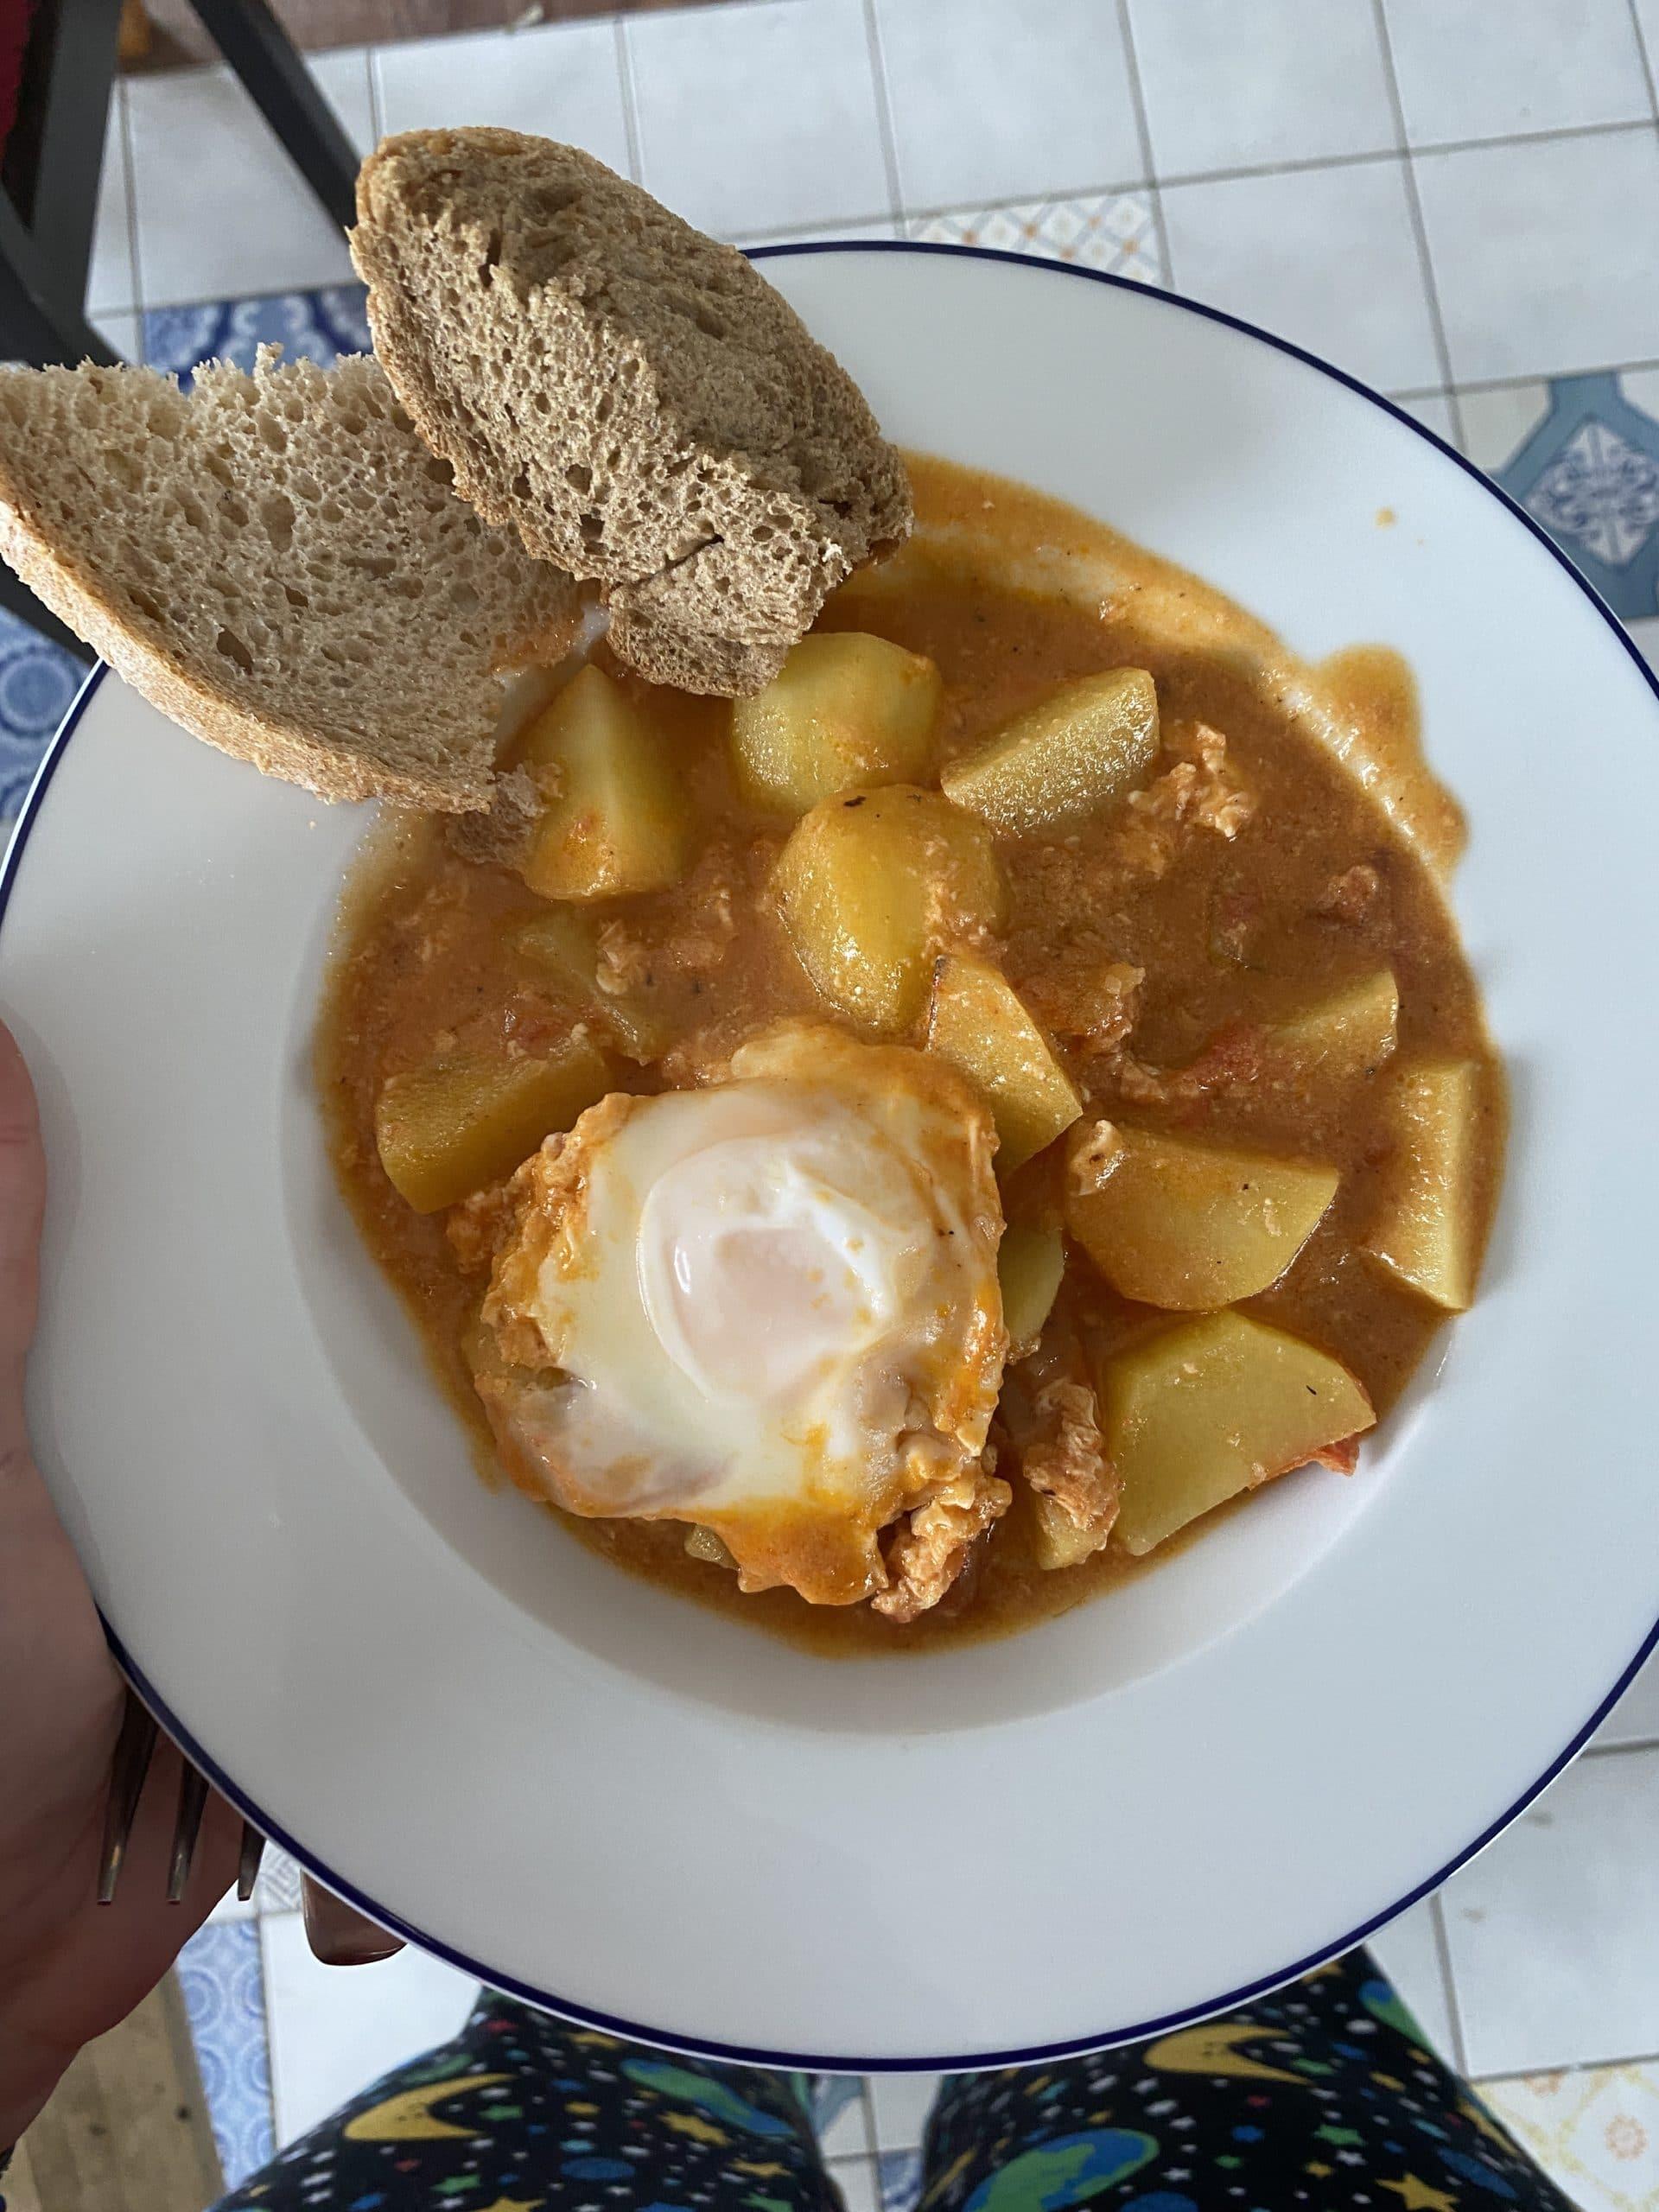 Zum Mittag versuche ich Shakshuka zu kochen, es wird so lala.